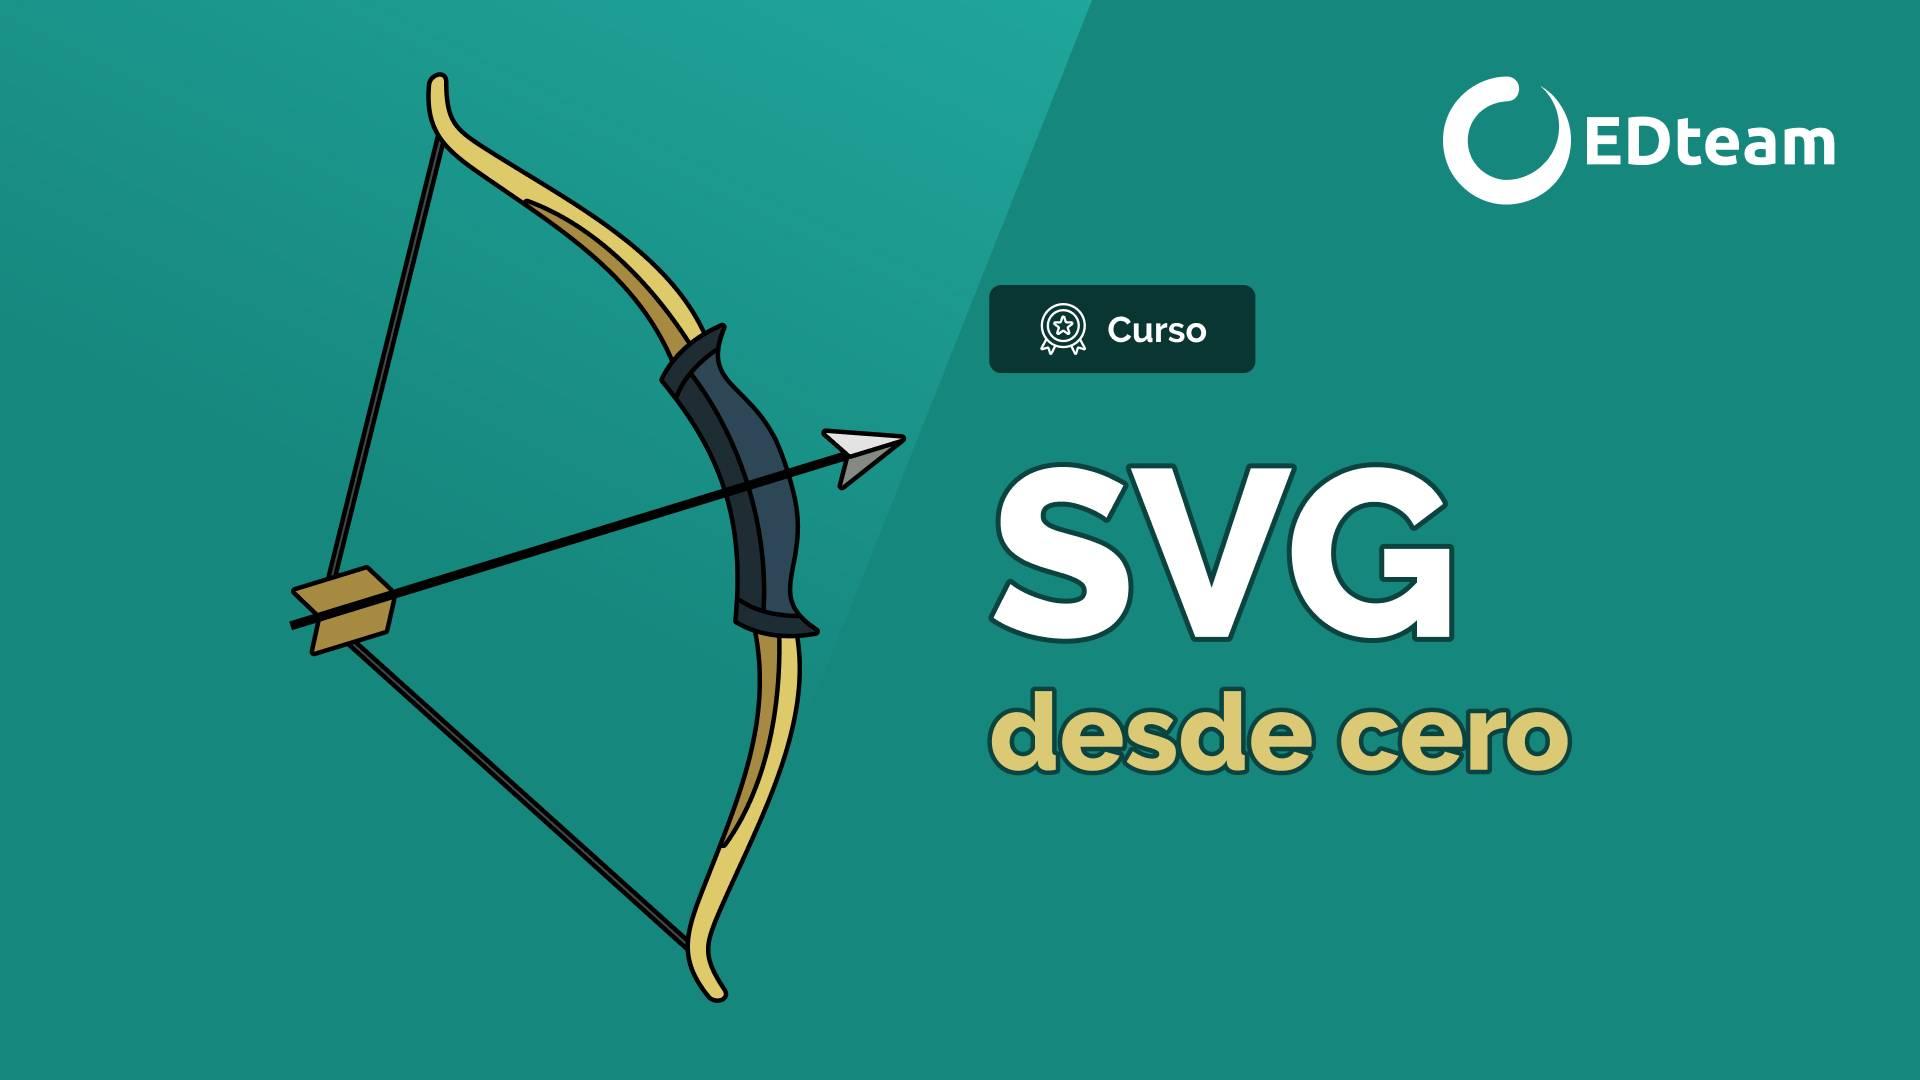 SVG Desde Cero